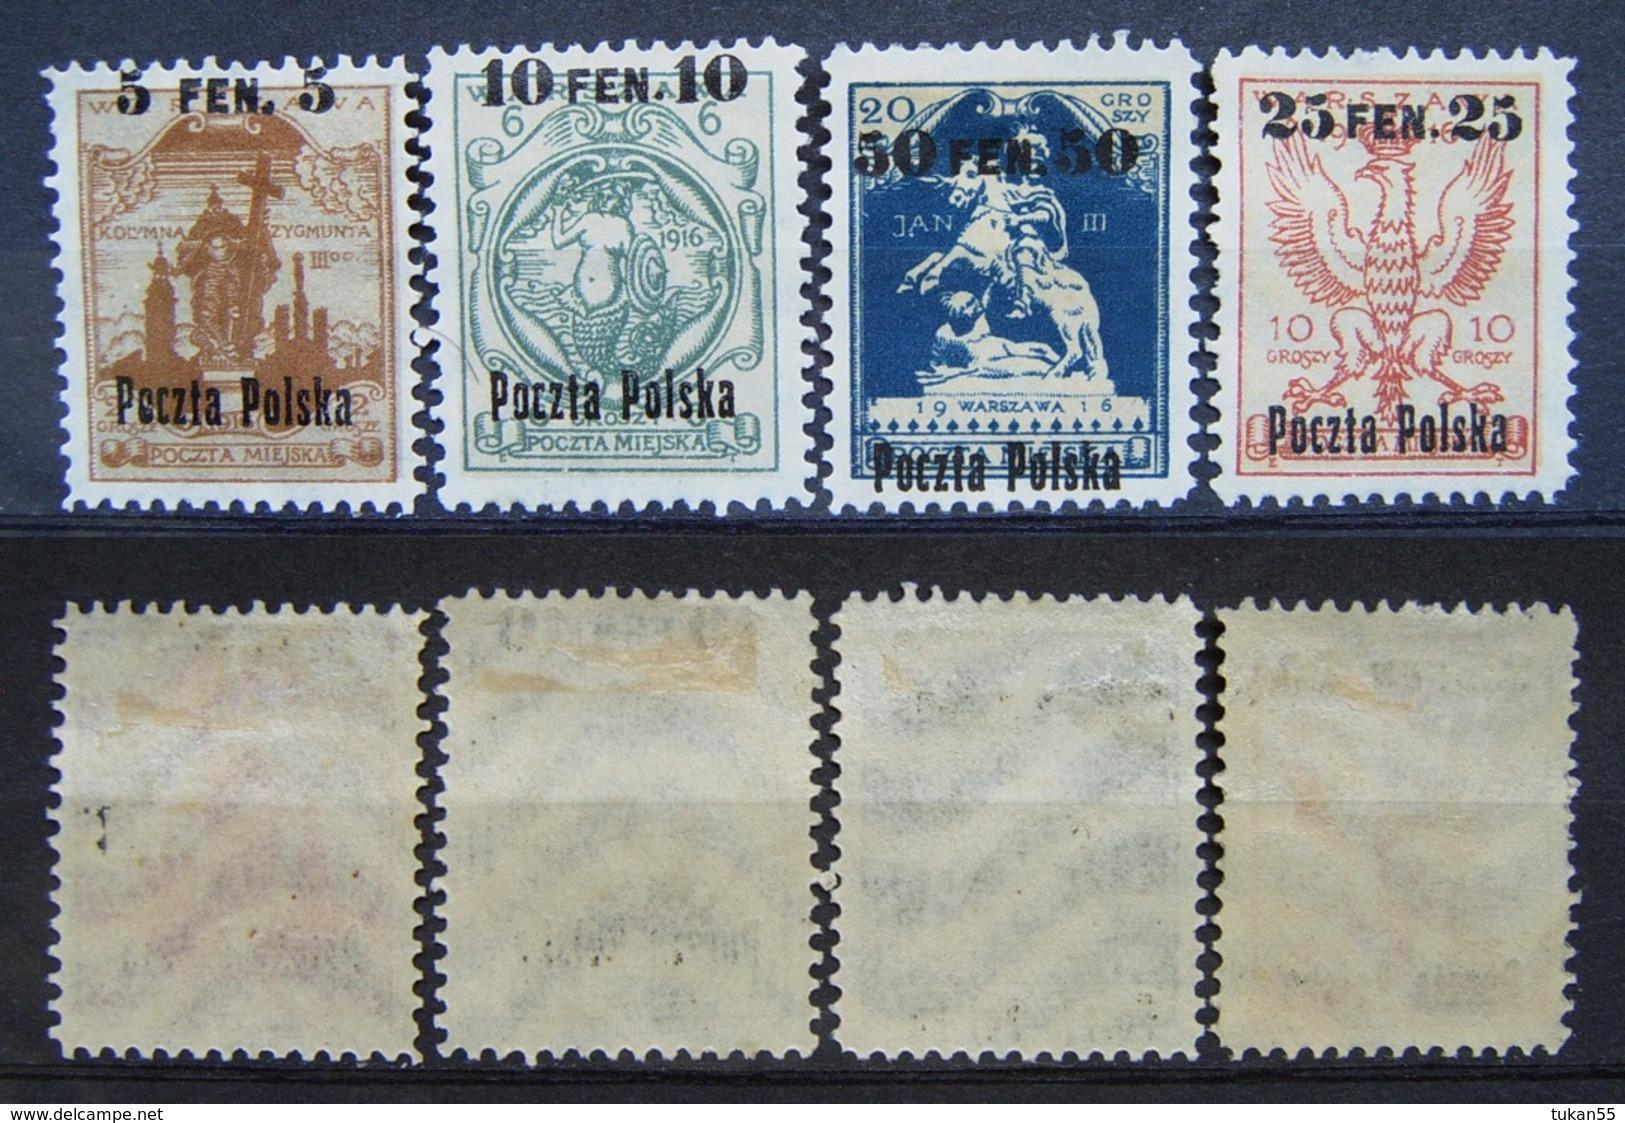 Polen Stadt Post Warschau 1916 Mi.Nr.2 - 5 * Ungebraucht     (B140) - Ungebraucht